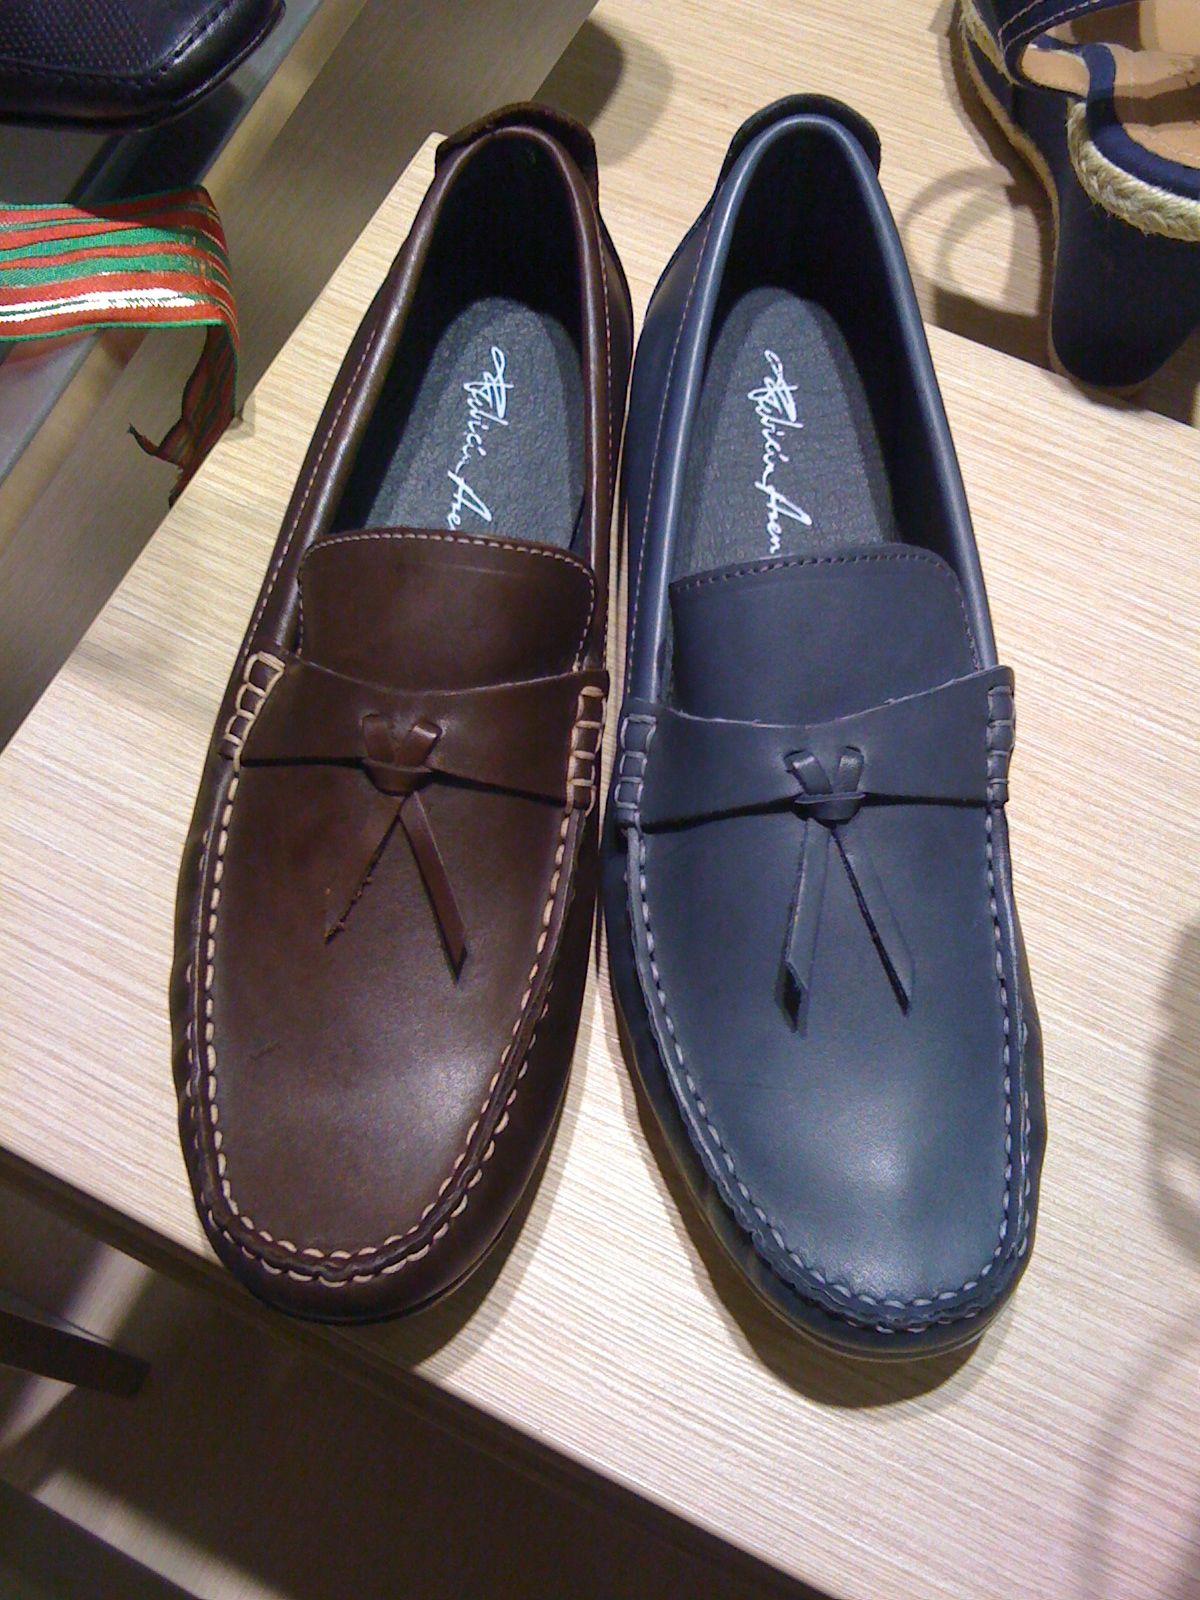 ¿Conoces los modelos Fabián Arenas? Los puedes adquirir en nuestras tiendas de Cancún y Playa del Carmen.